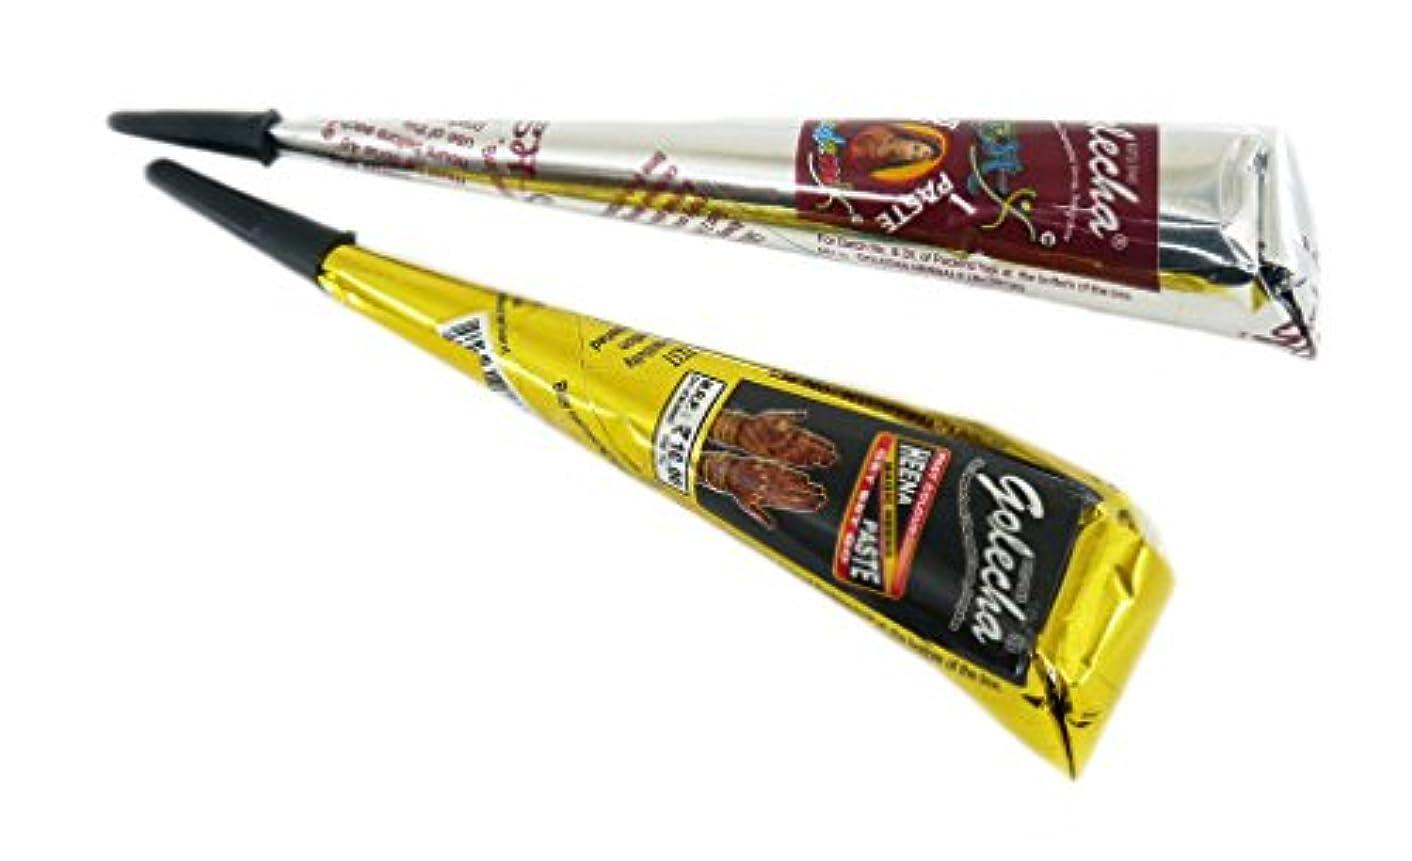 確認生理霜ヘナ タトゥー用 二色セット 一時的な刺青 ブラック オレンジ ヘナ タトゥーペースト 長持ち一週間 チューブタイプ henna タトゥーペン